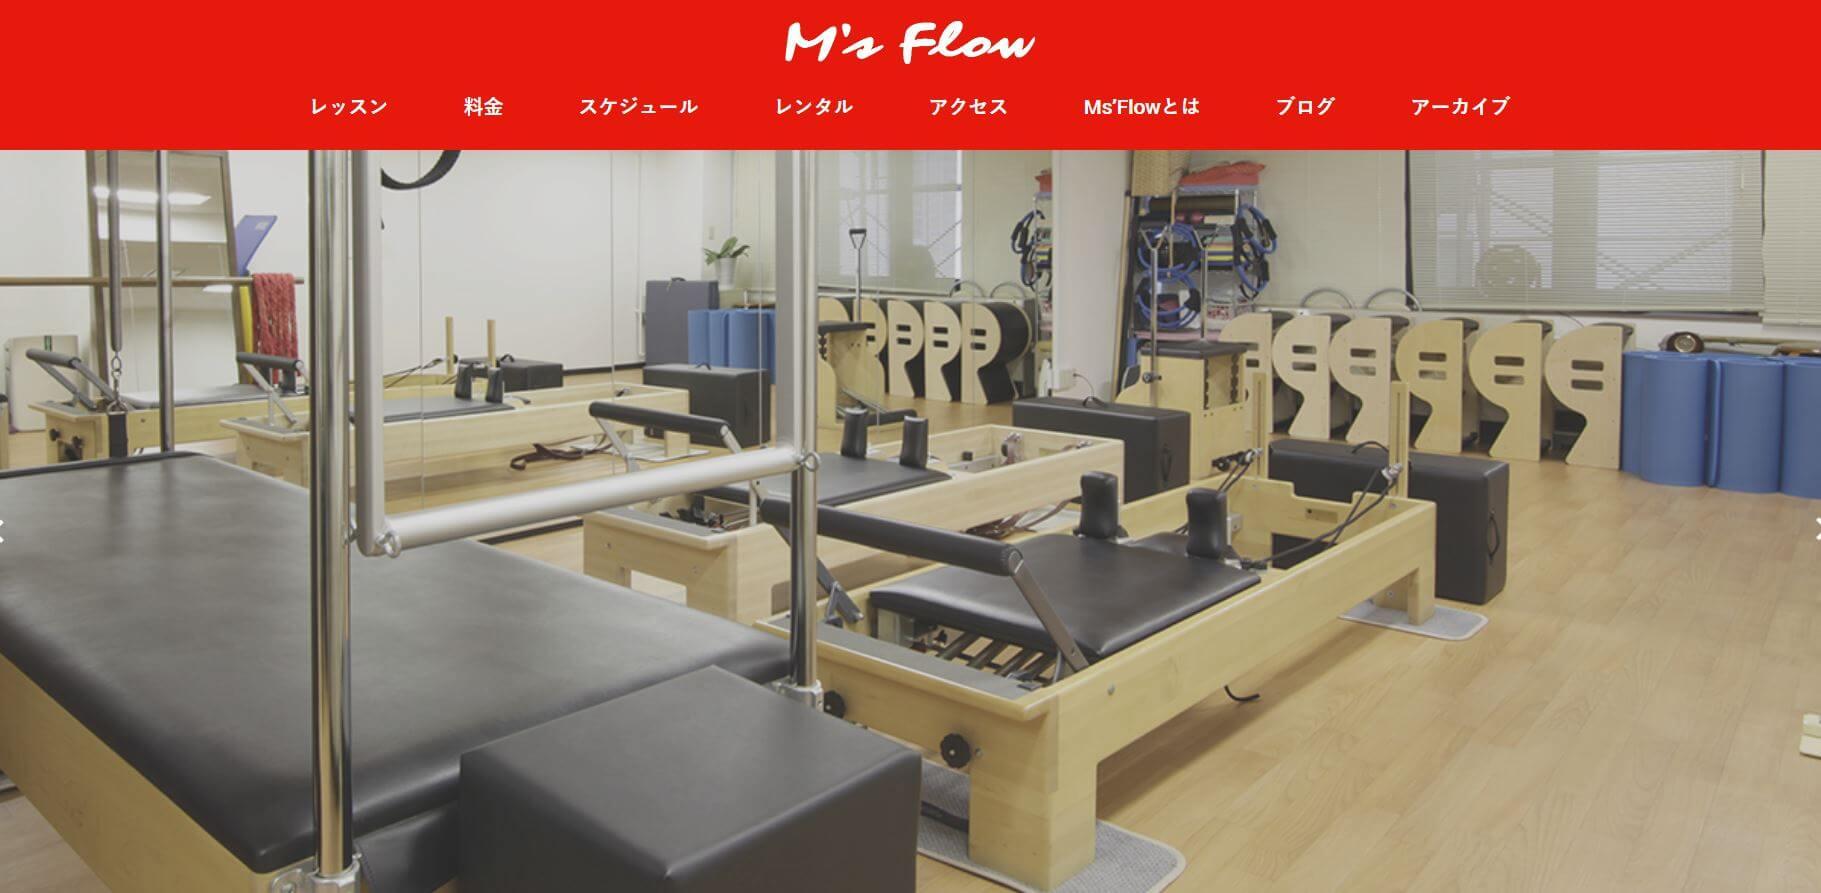 ボディコンディショニングスタジオ M's Flow